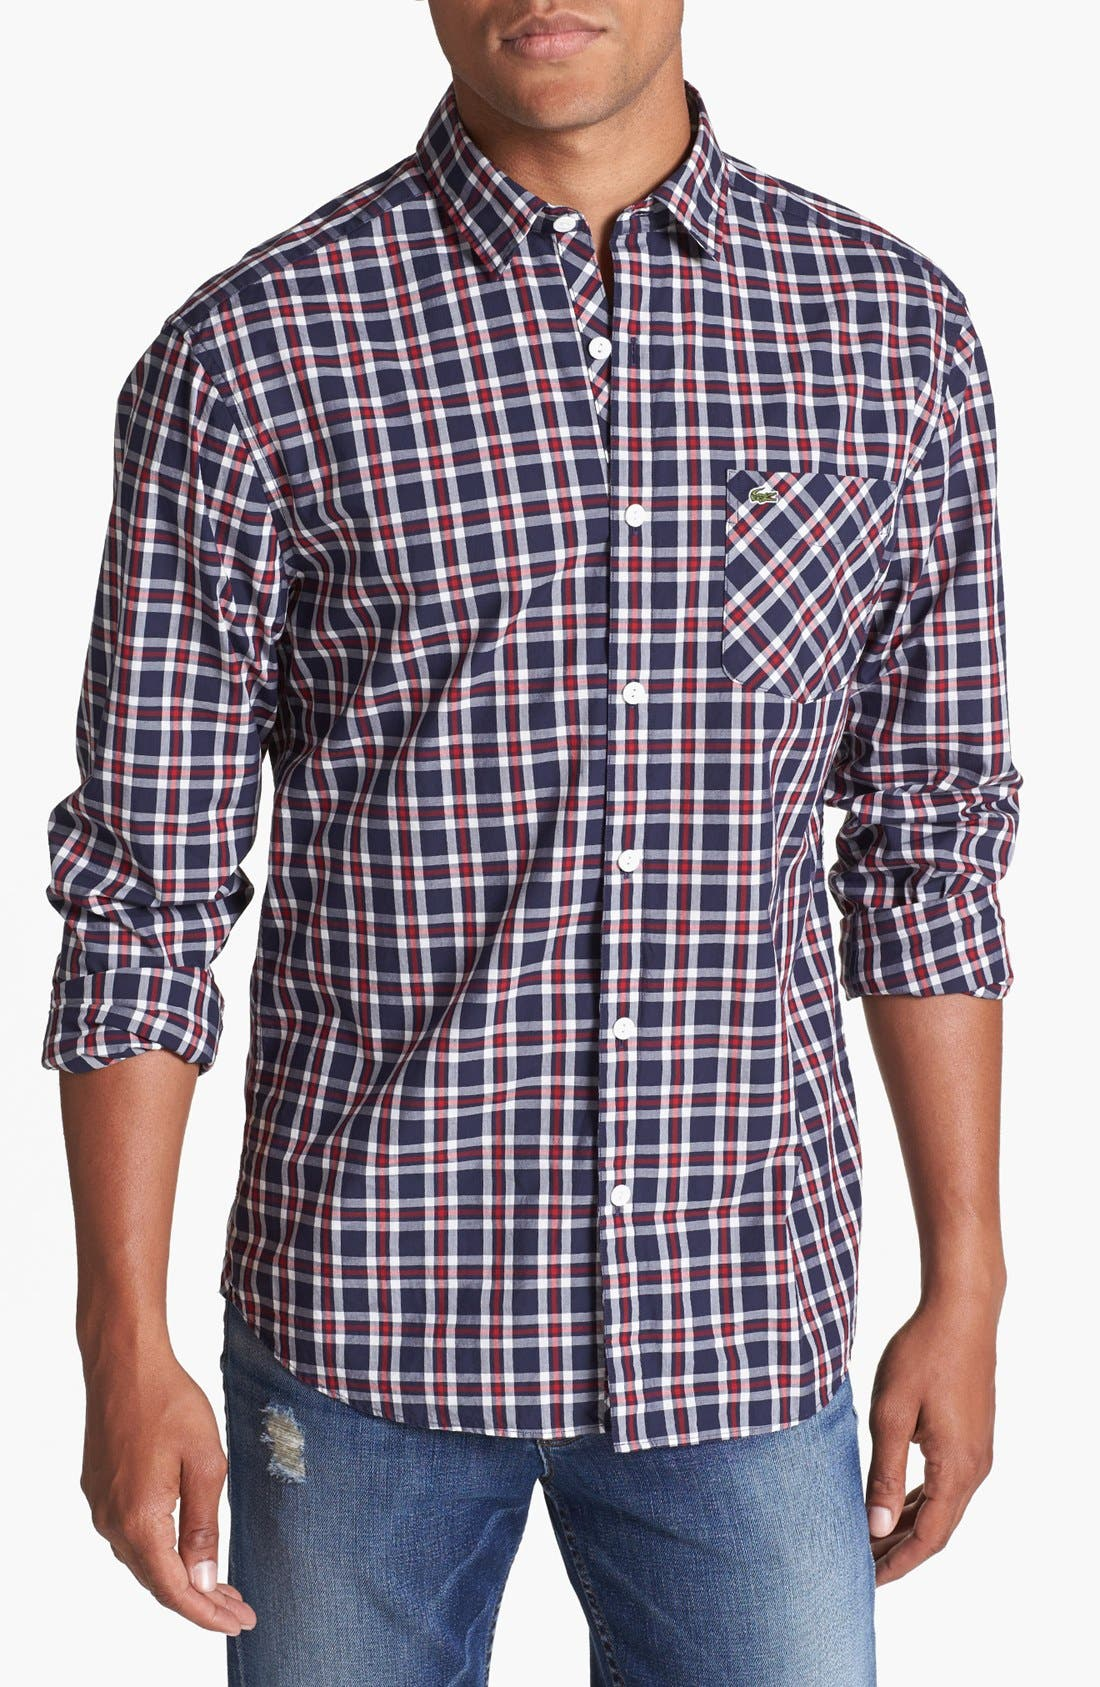 Main Image - Lacoste Slim Fit Plaid Shirt